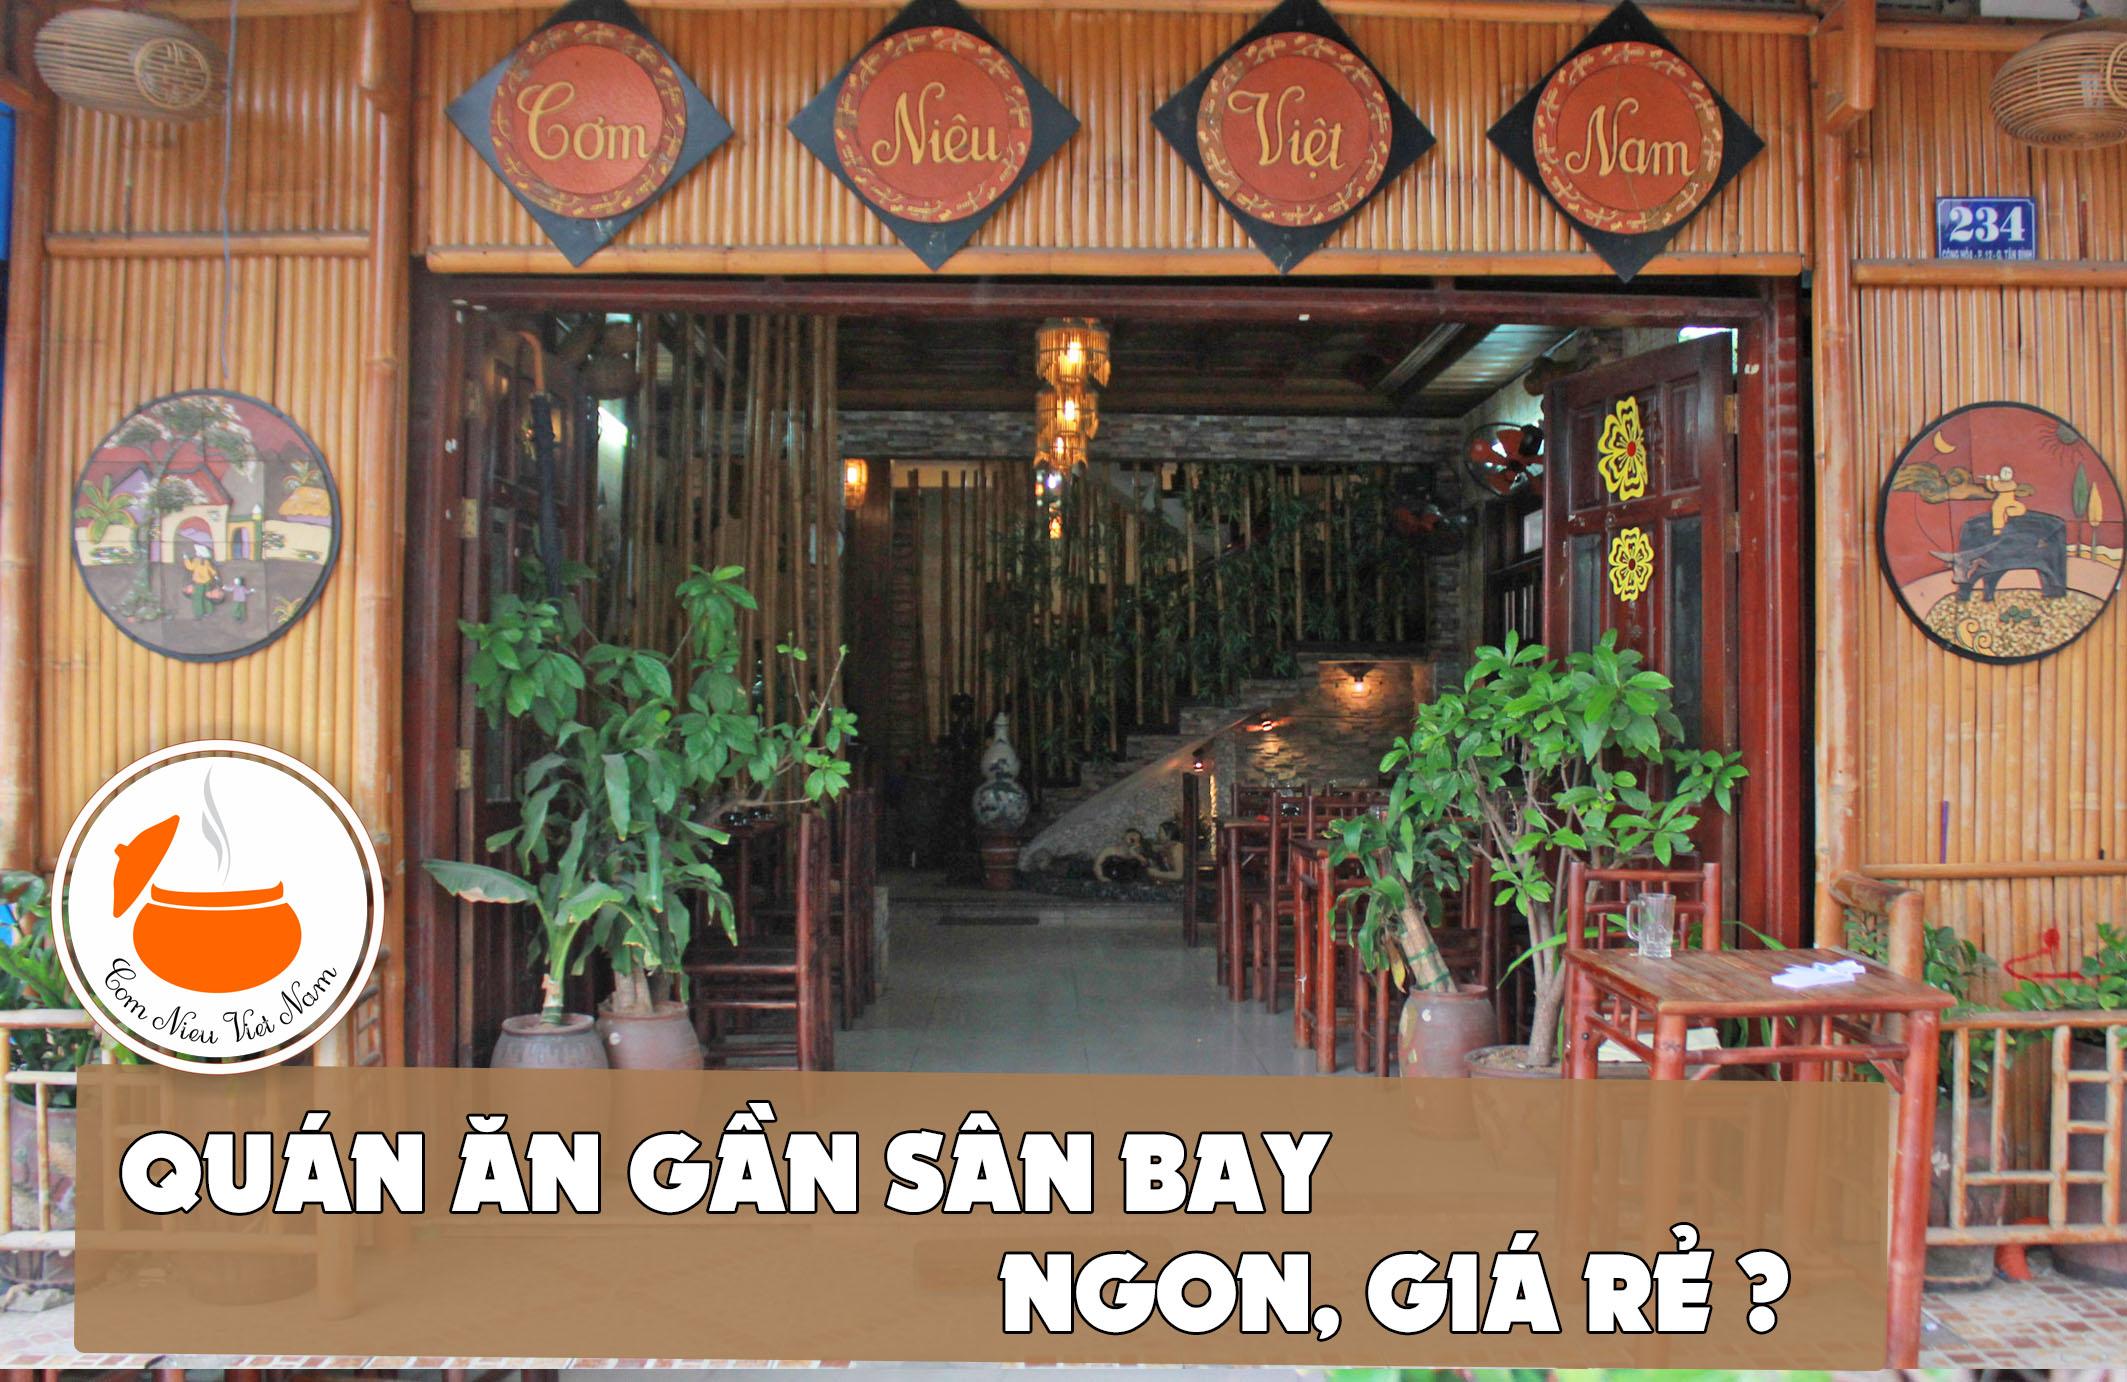 Nhà hàng, quán ăn món bắc ngon tại TP.Hồ Chí Minh có giá hợp lý nhất